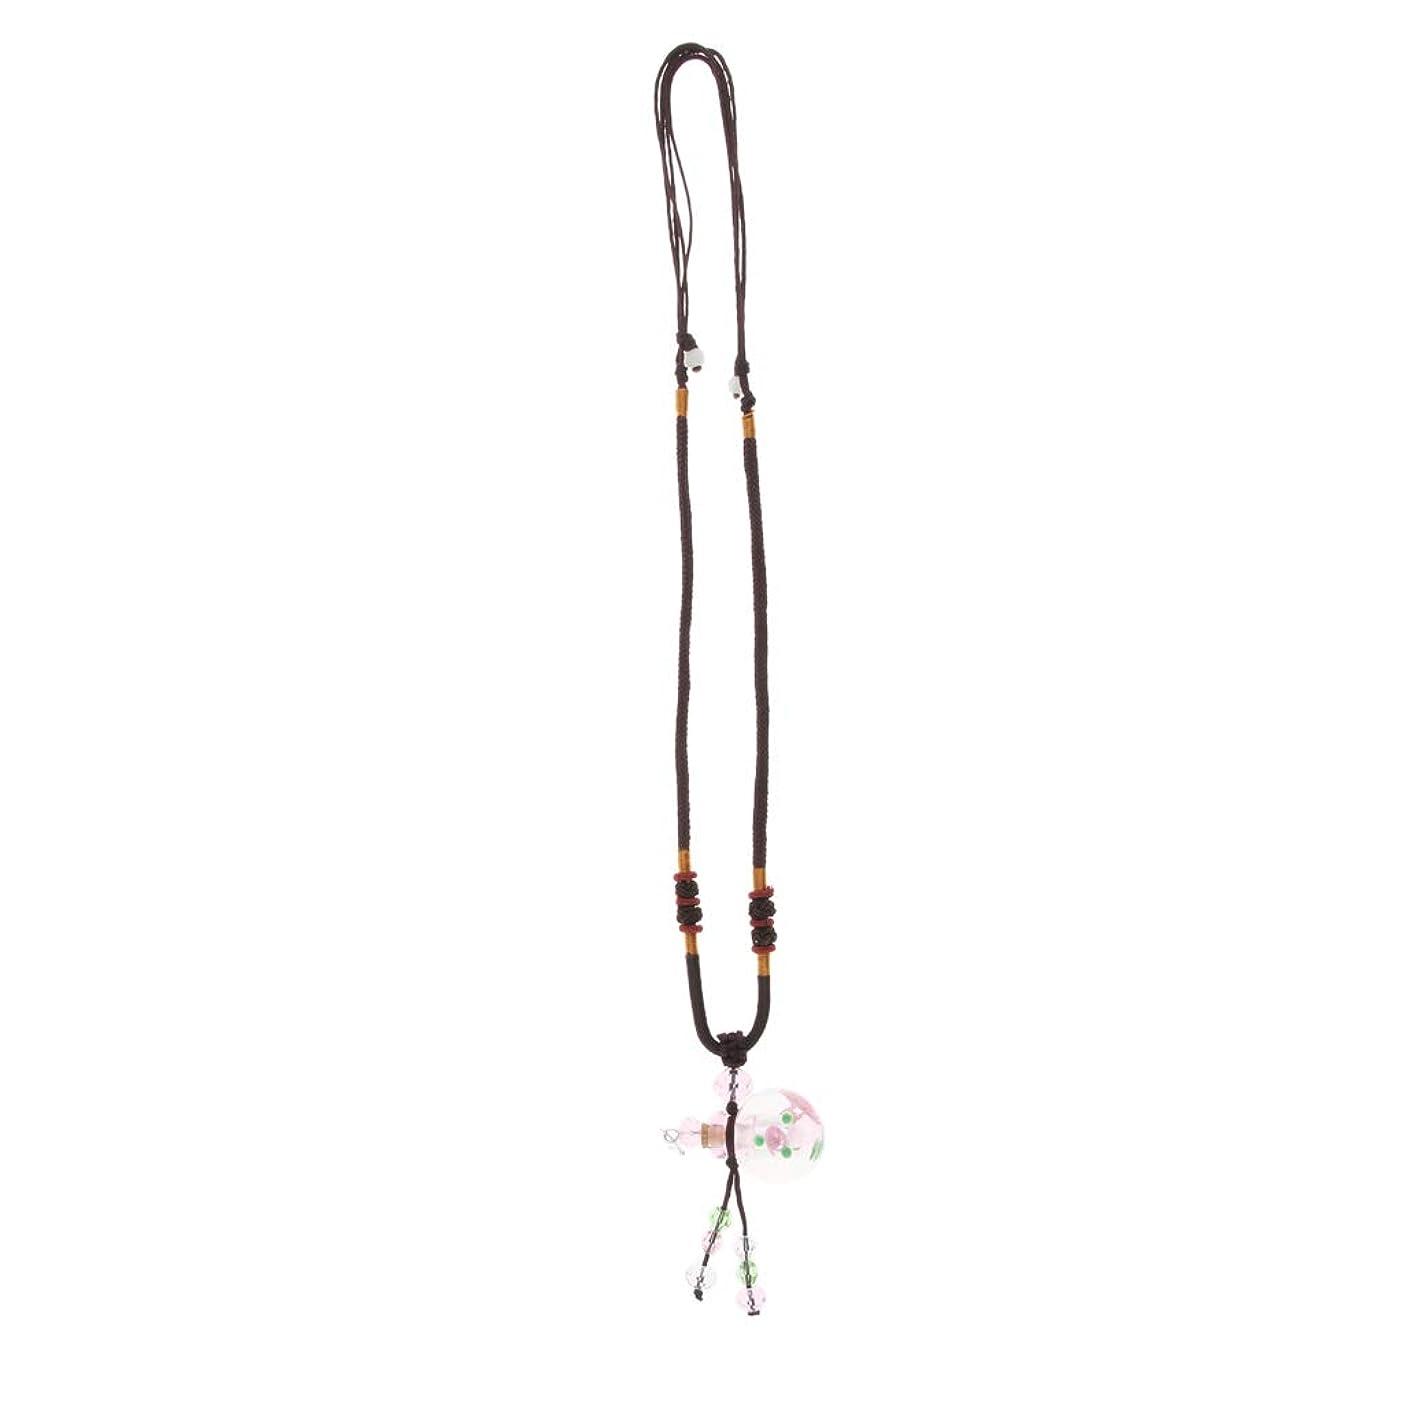 部定説いわゆるPerfeclan 香水ネックレス ミニ グラスロケット ネックレス 香水ディフューザー 4色選べ - ピンク